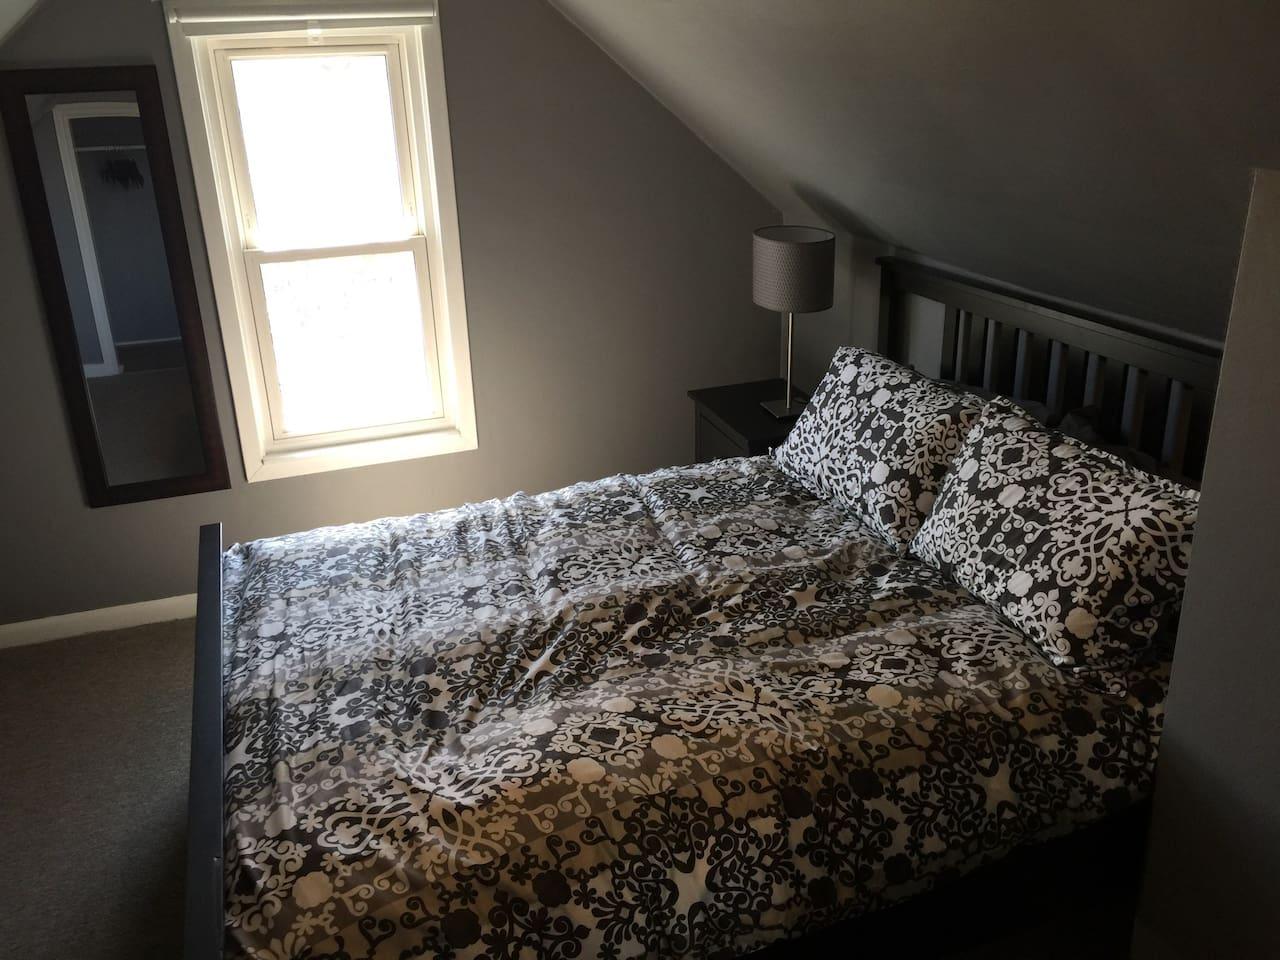 Super clean. High end beddings